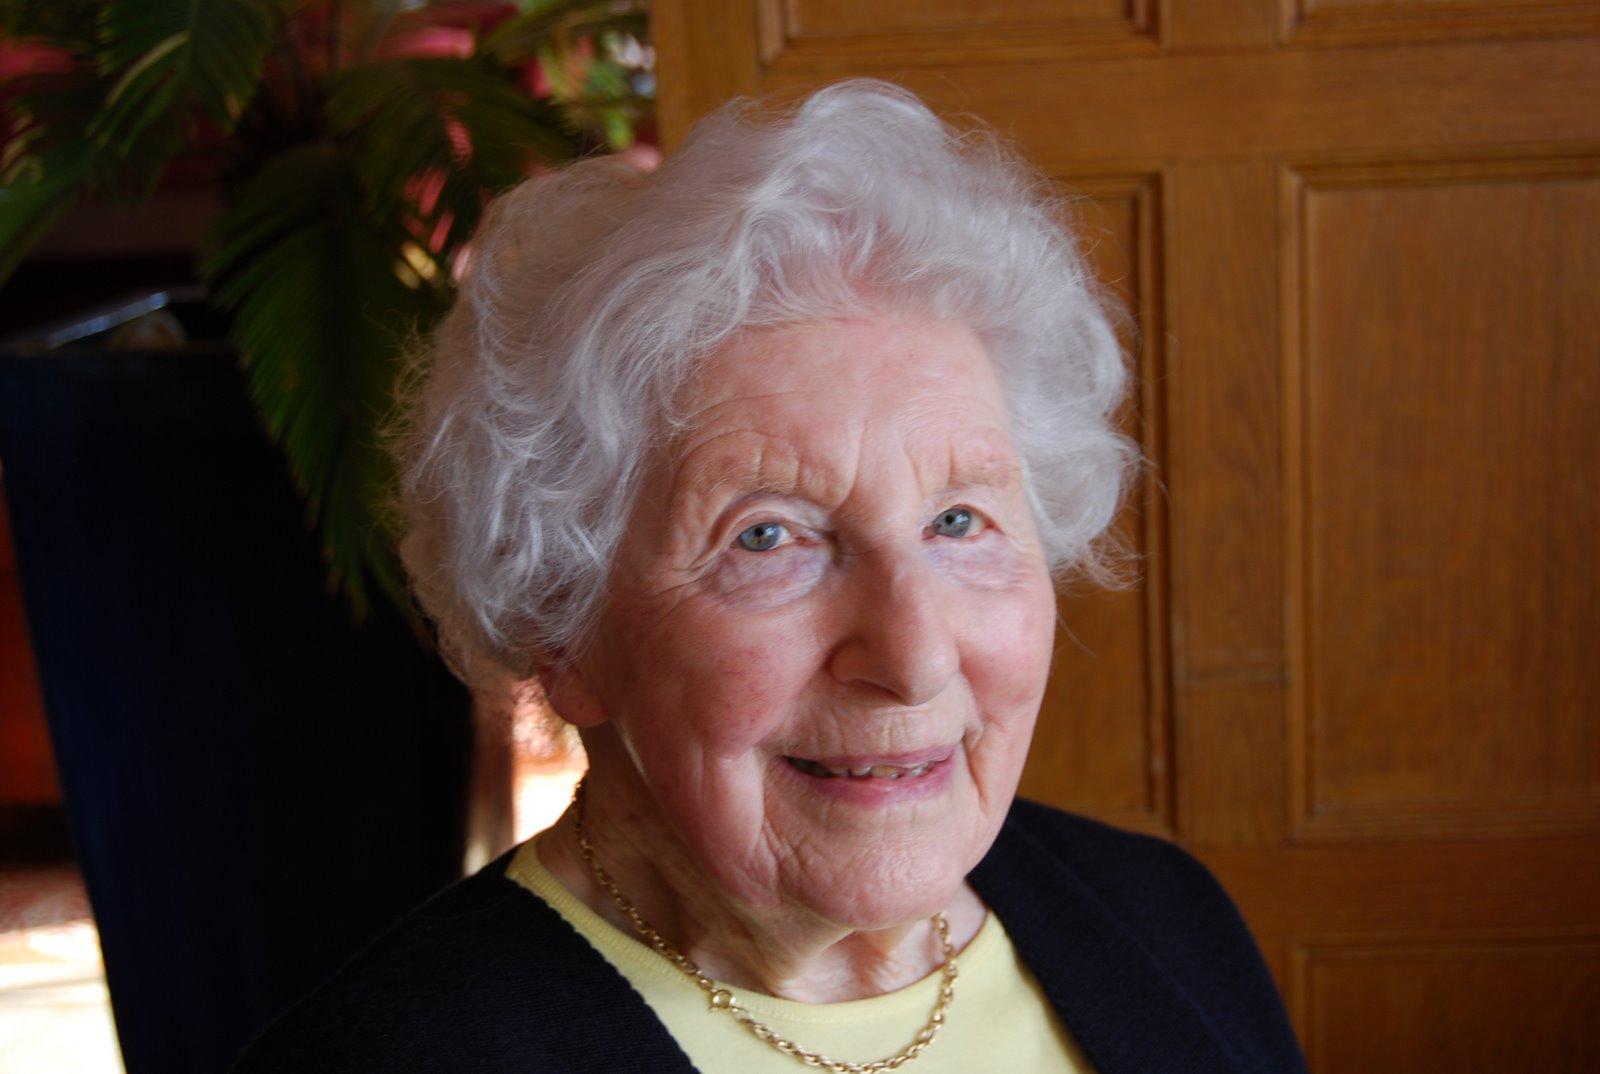 Old british lady